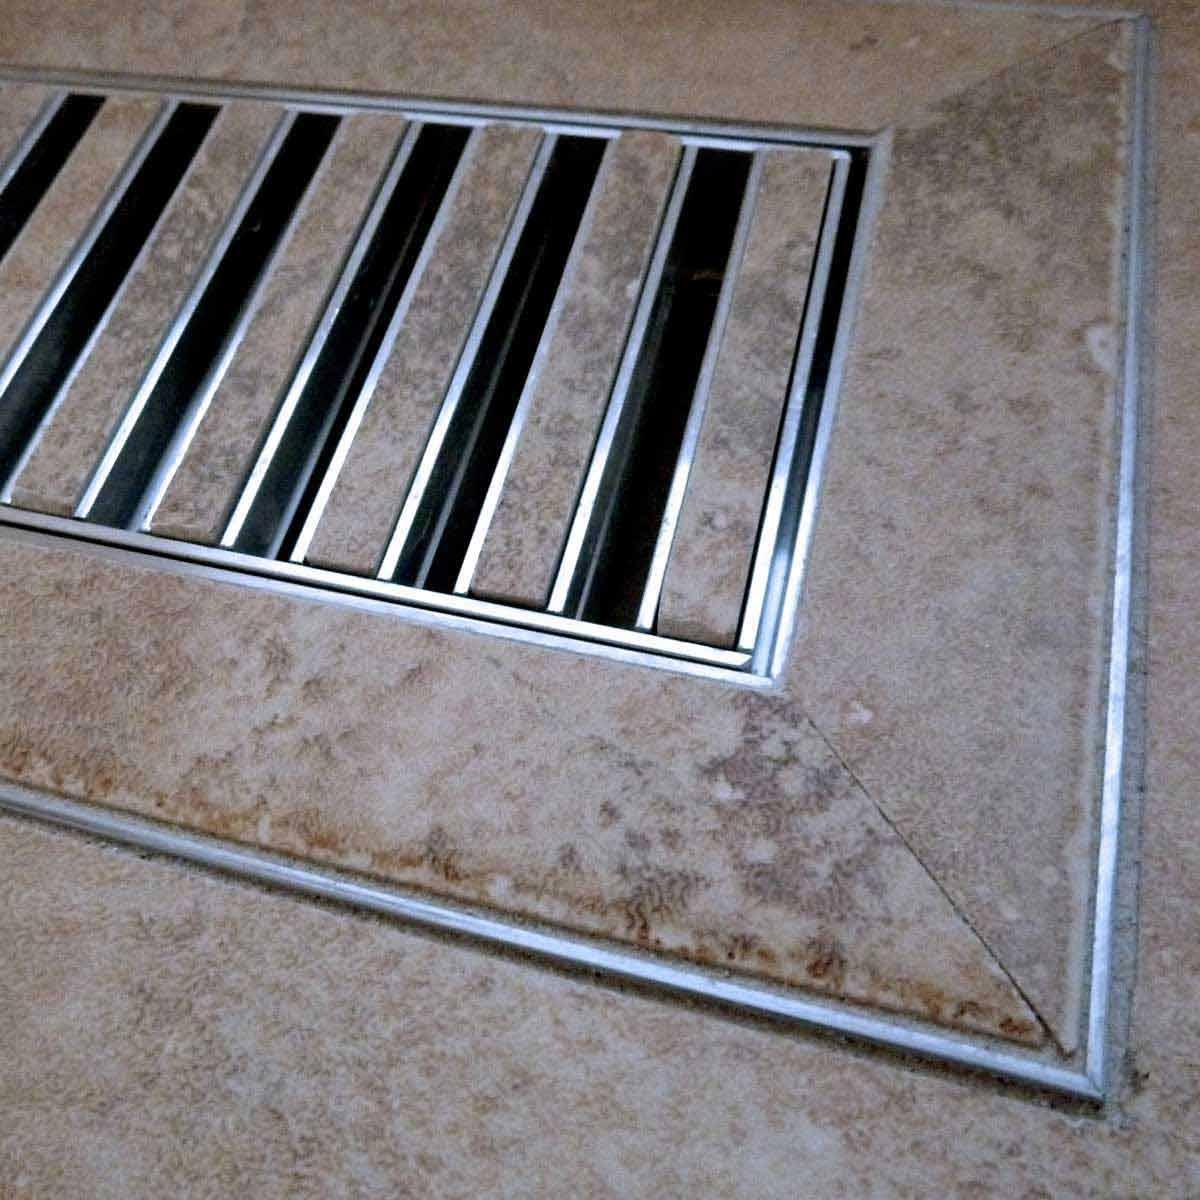 9950 chameleon tile in floor vent registers